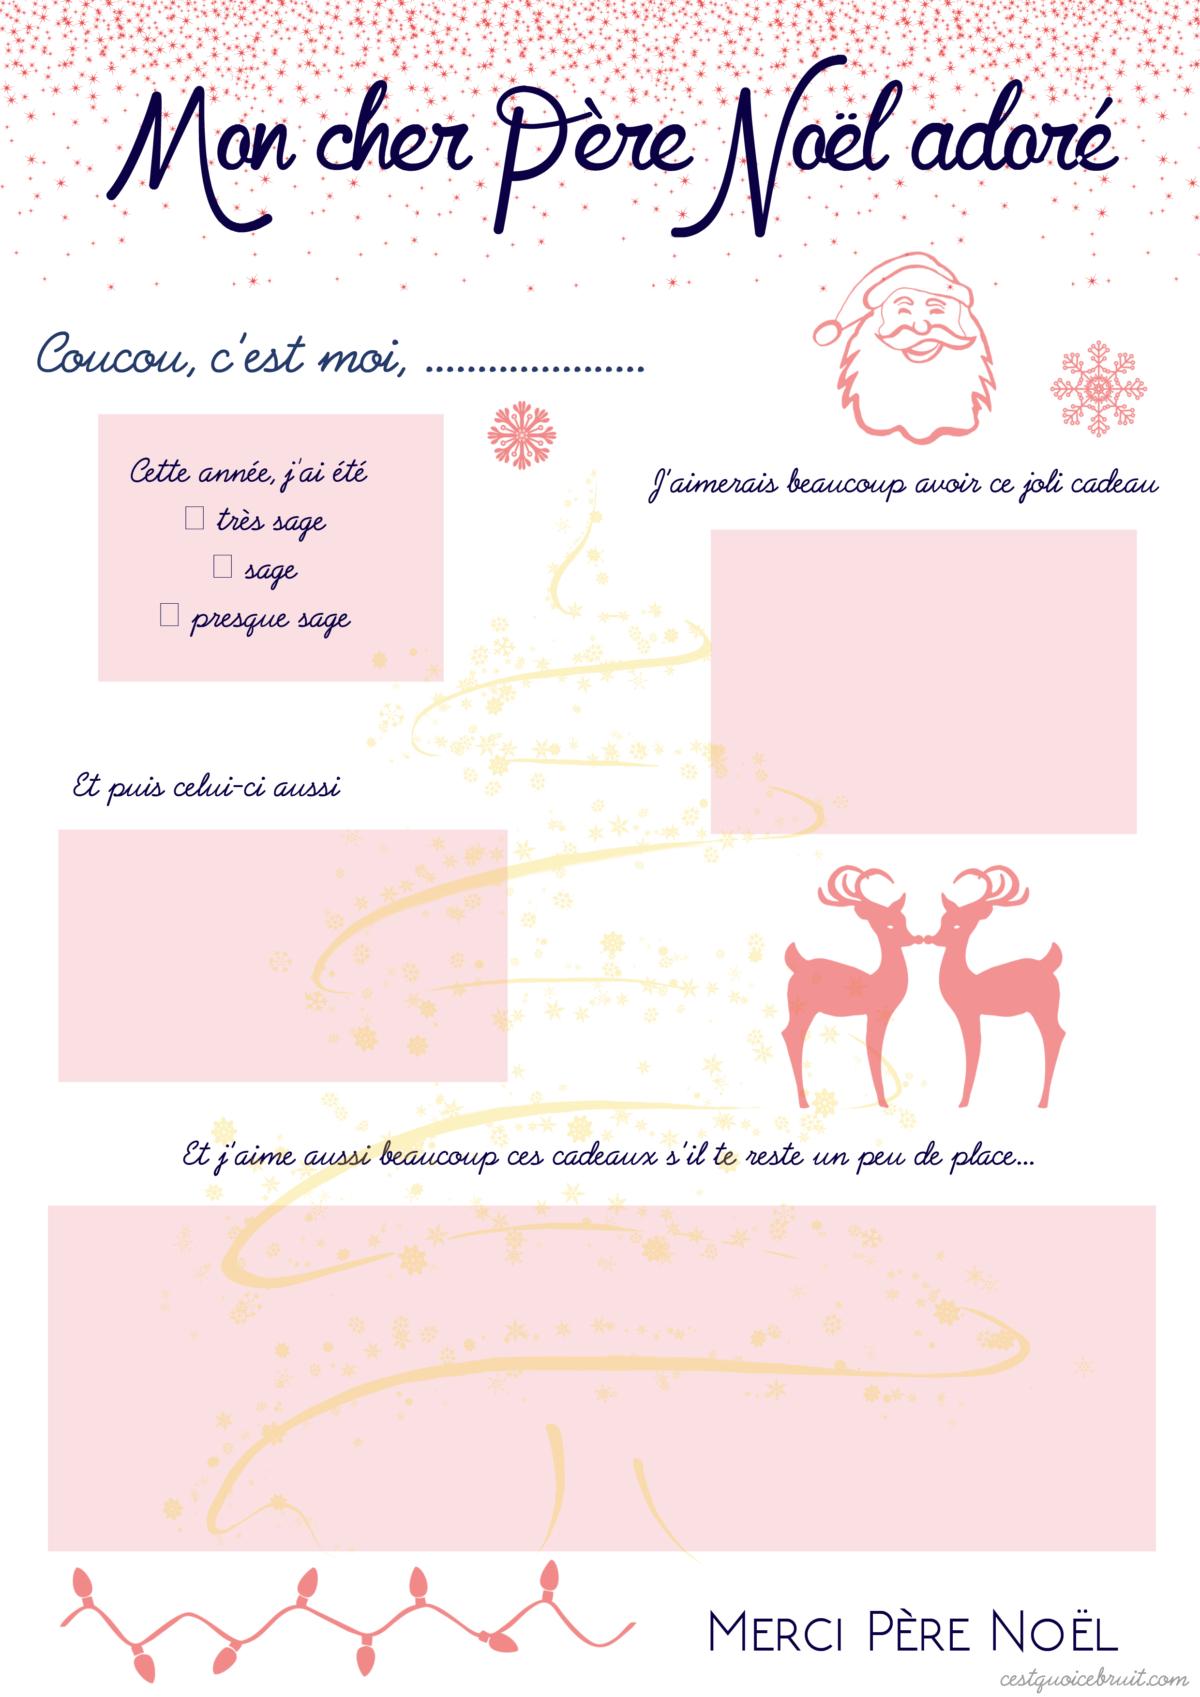 La Liste De Noël À Imprimer (Free Printable) dedans Liste Pere Noel Imprimer